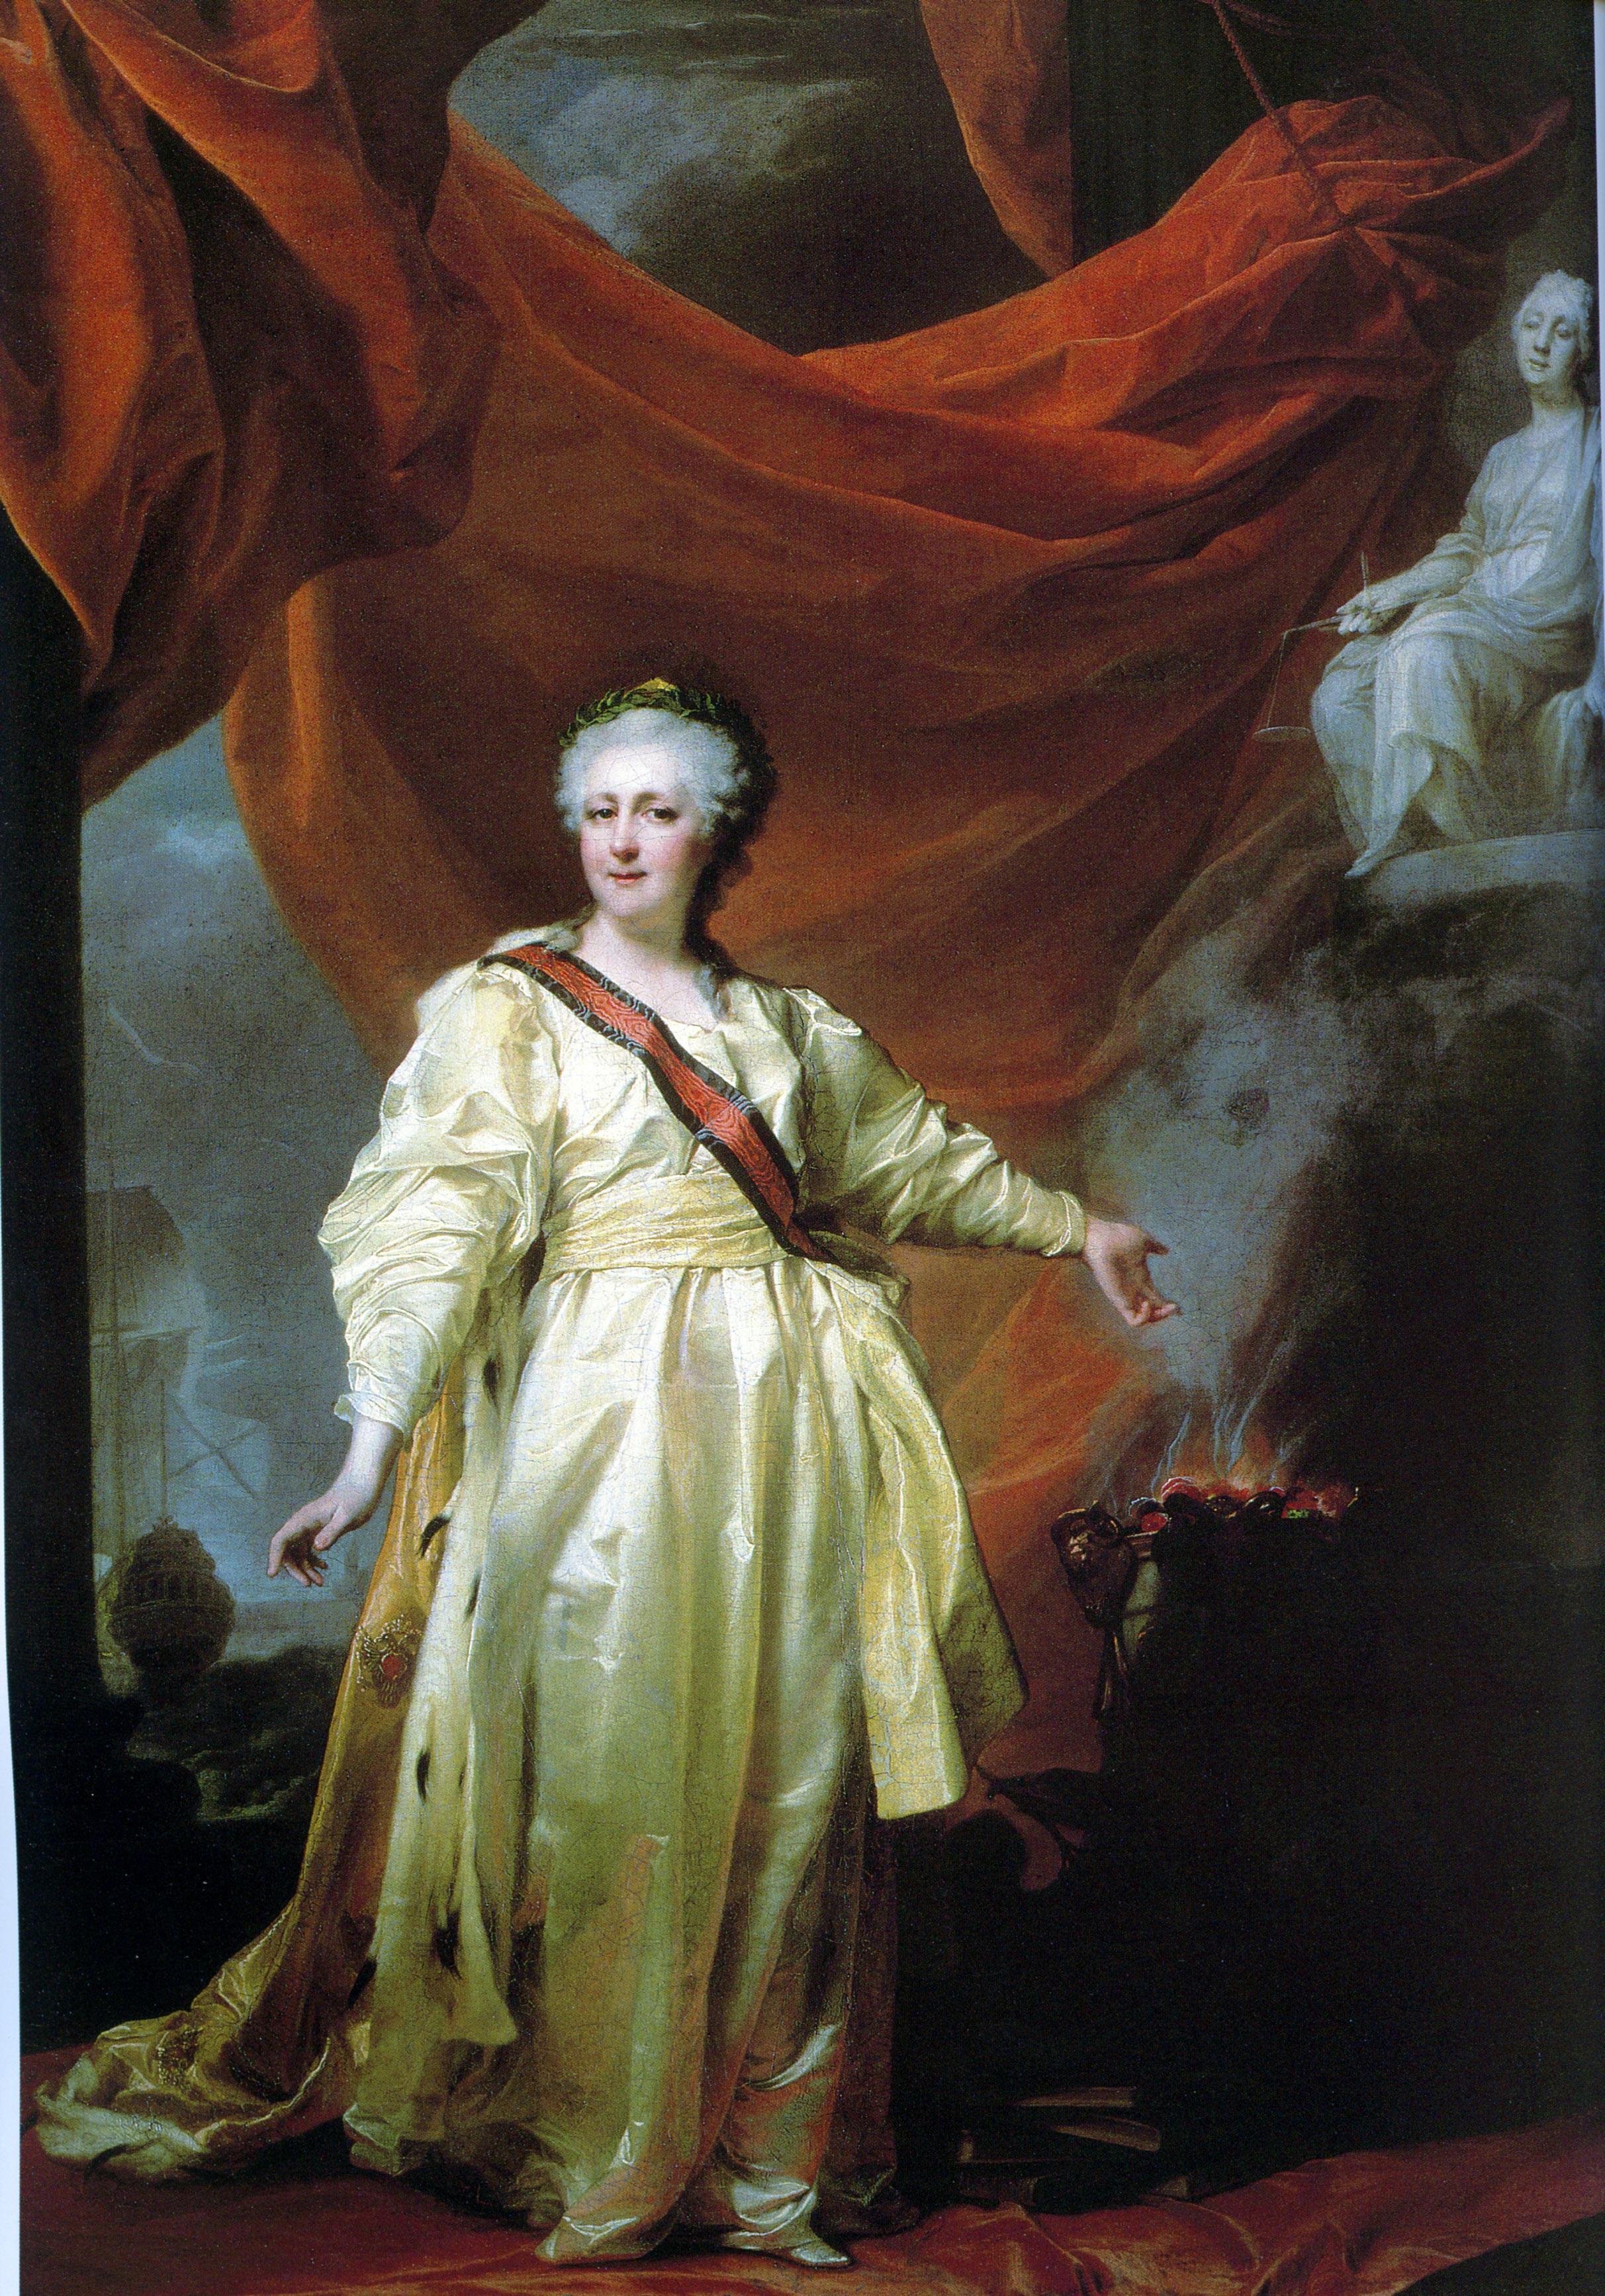 Екатерина II вела в России политику просвещенного абсолютизма